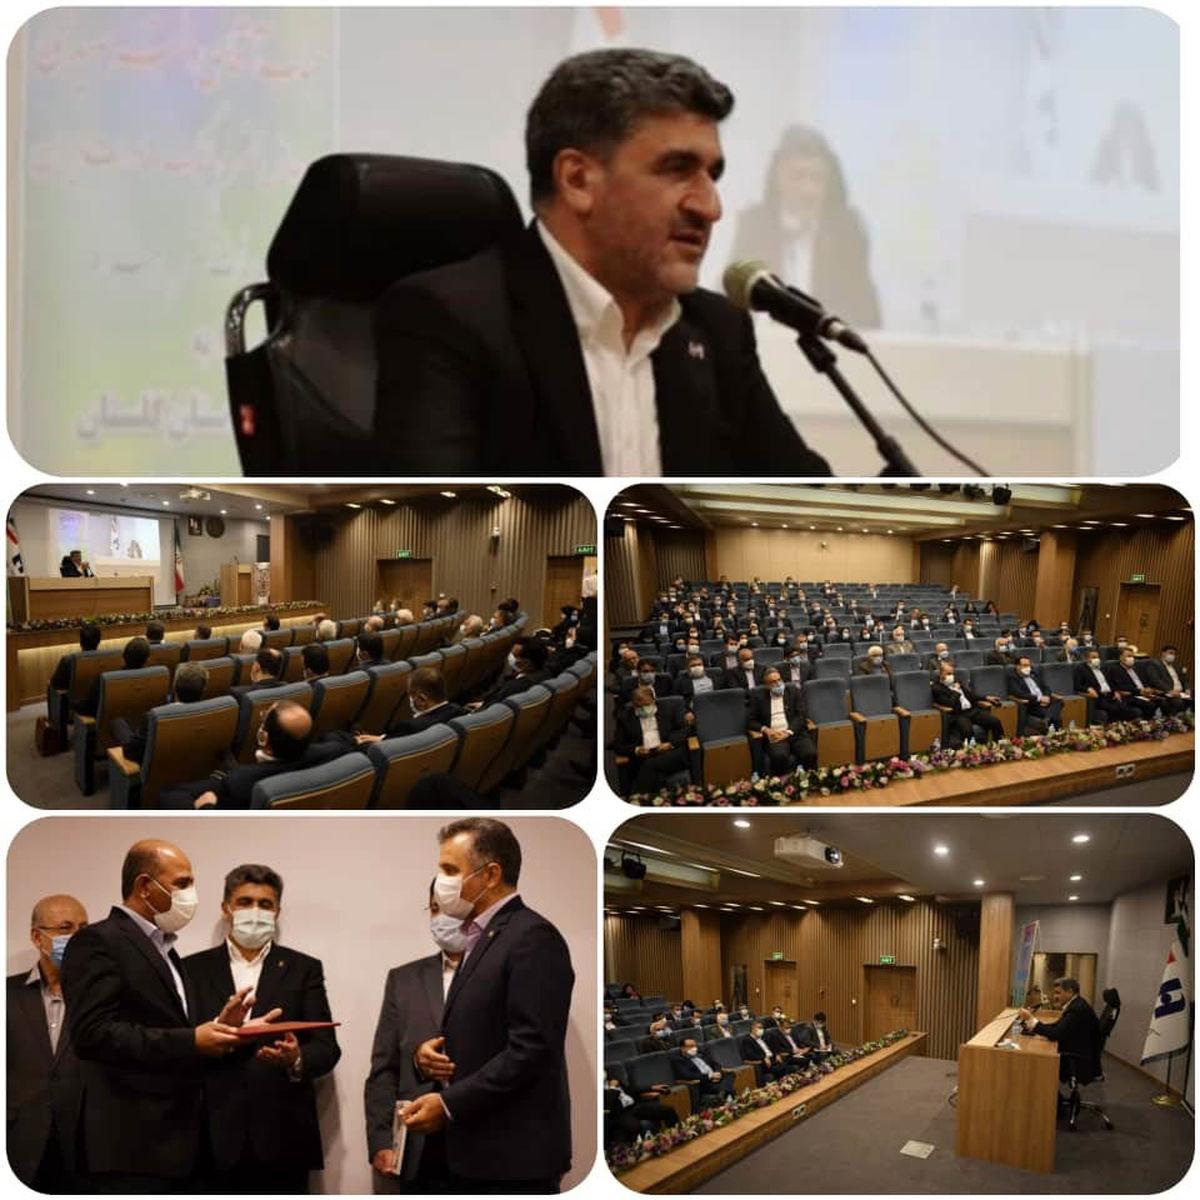 انعکاس سودآوری در ترازنامه بانک صادرات ایران